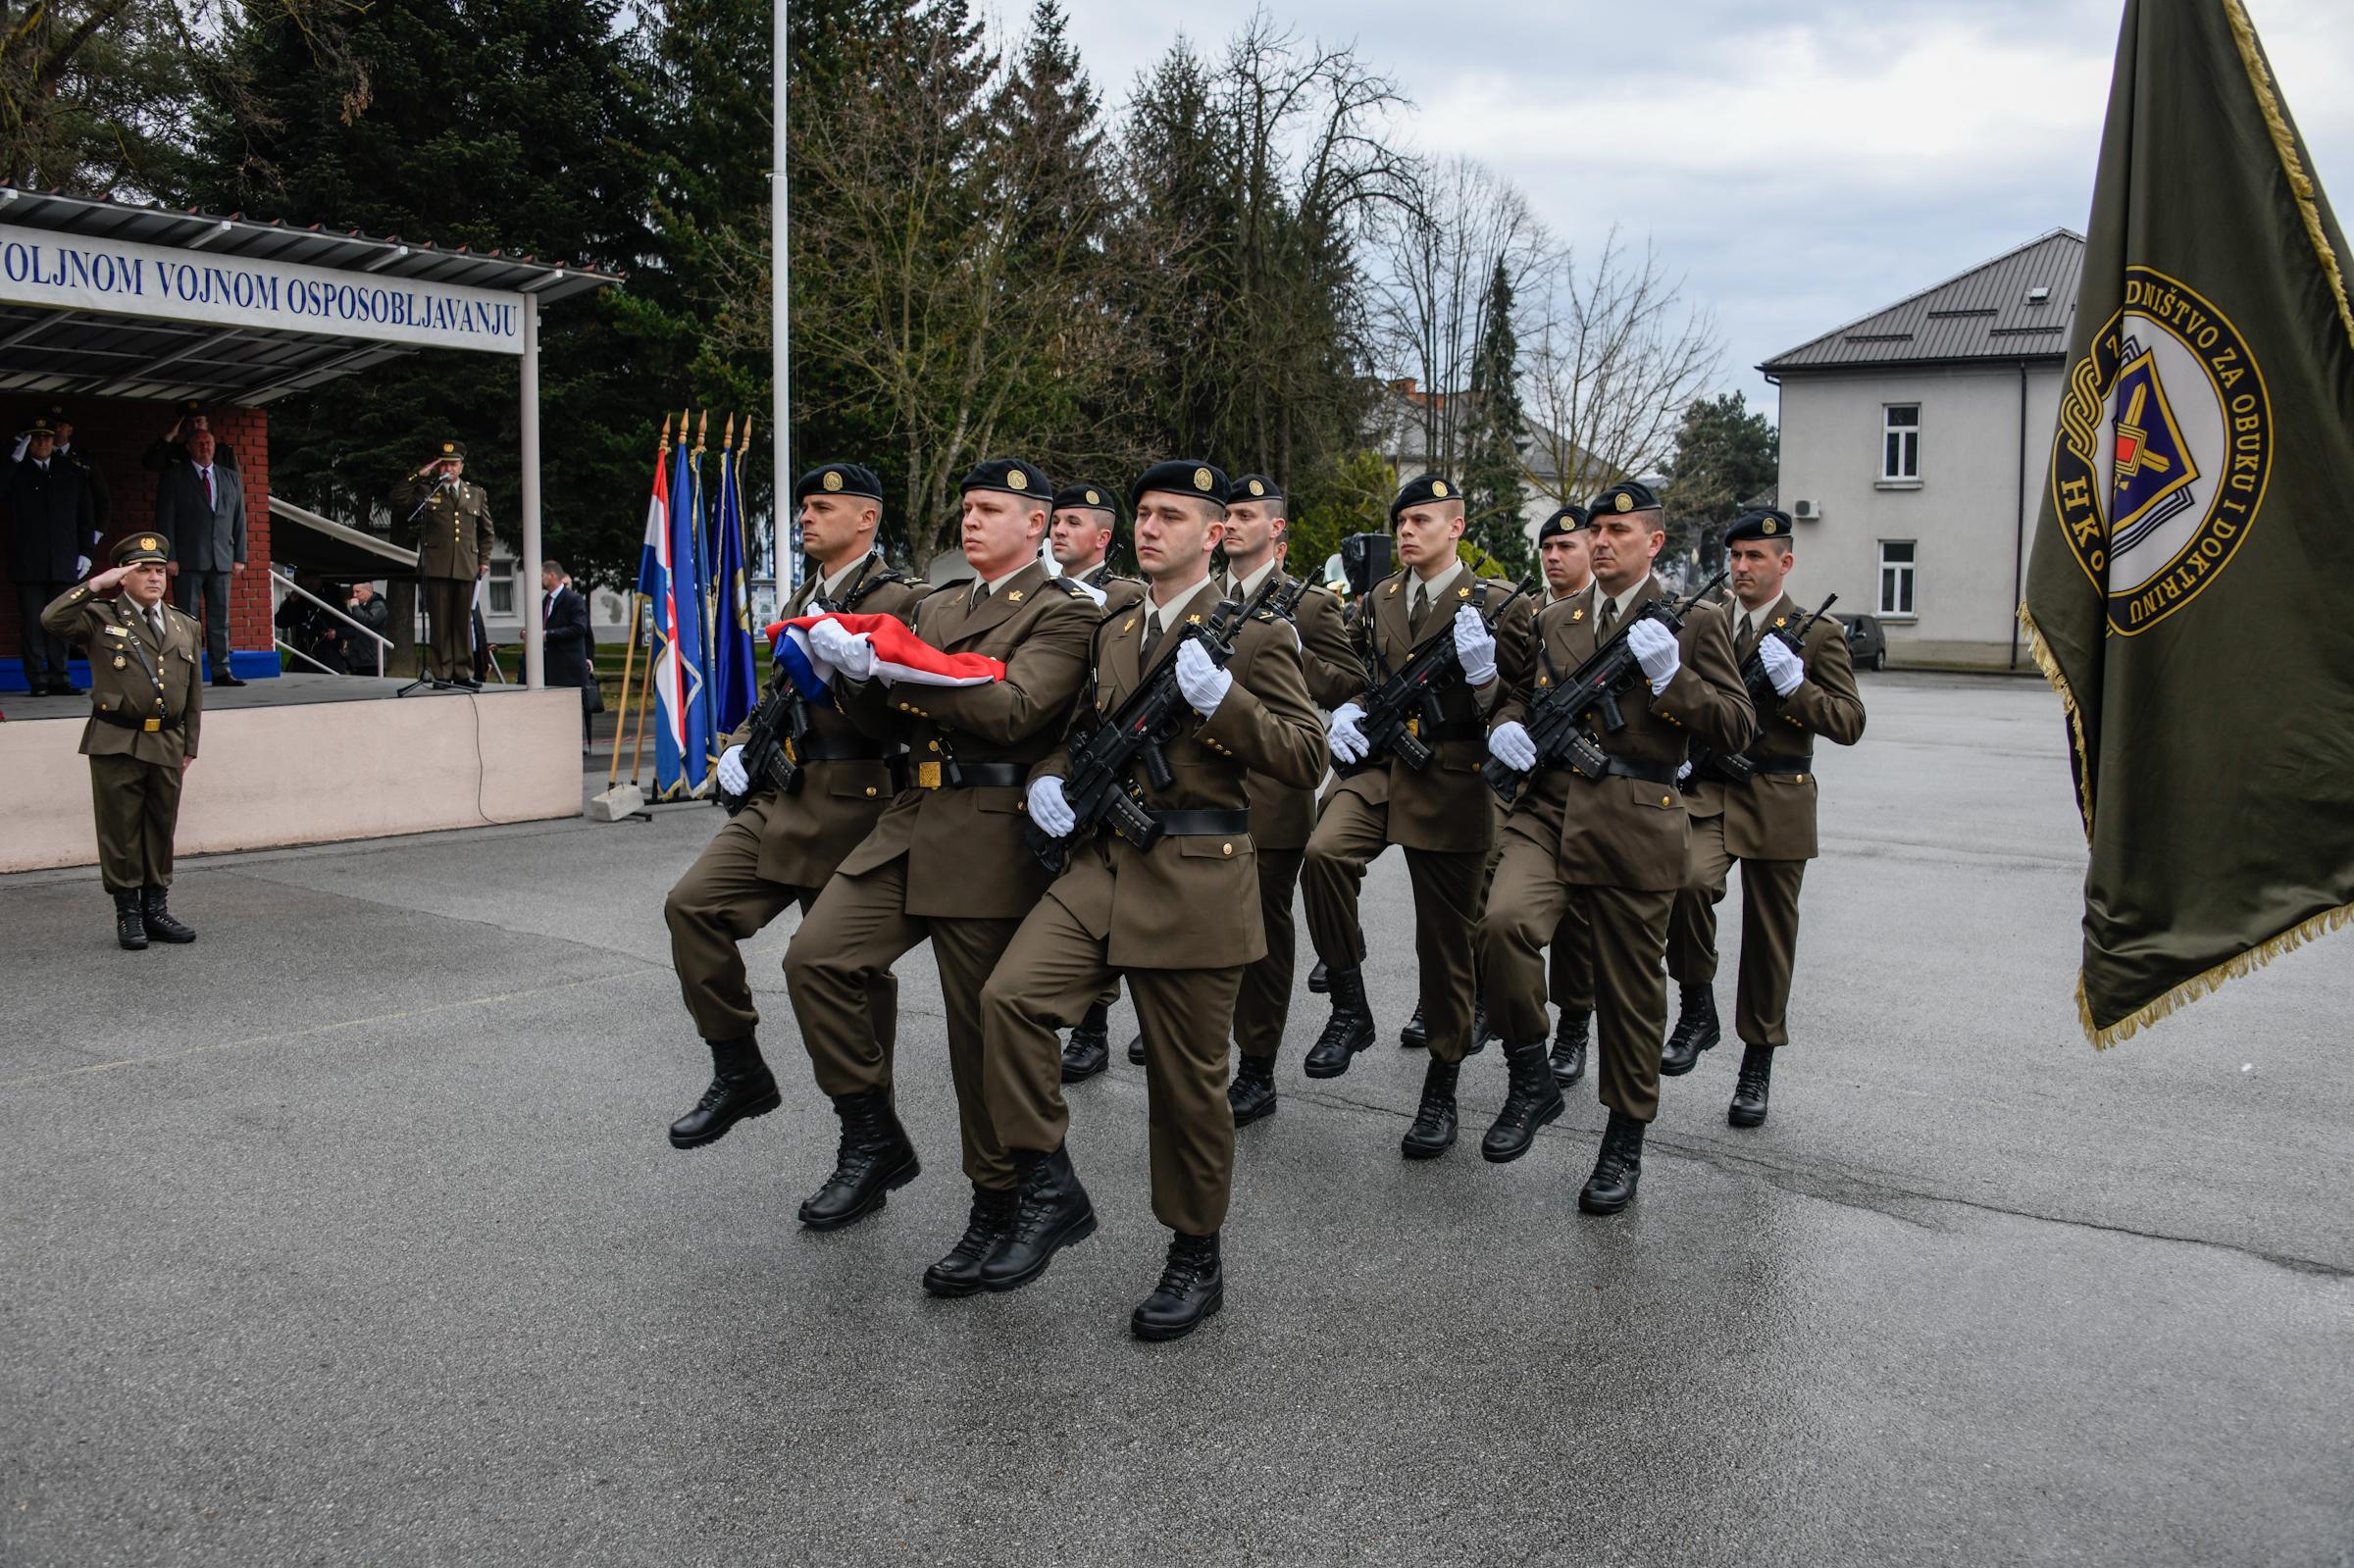 Svečana prisega ročnika na dragovoljnom vojnom osposobljavanju